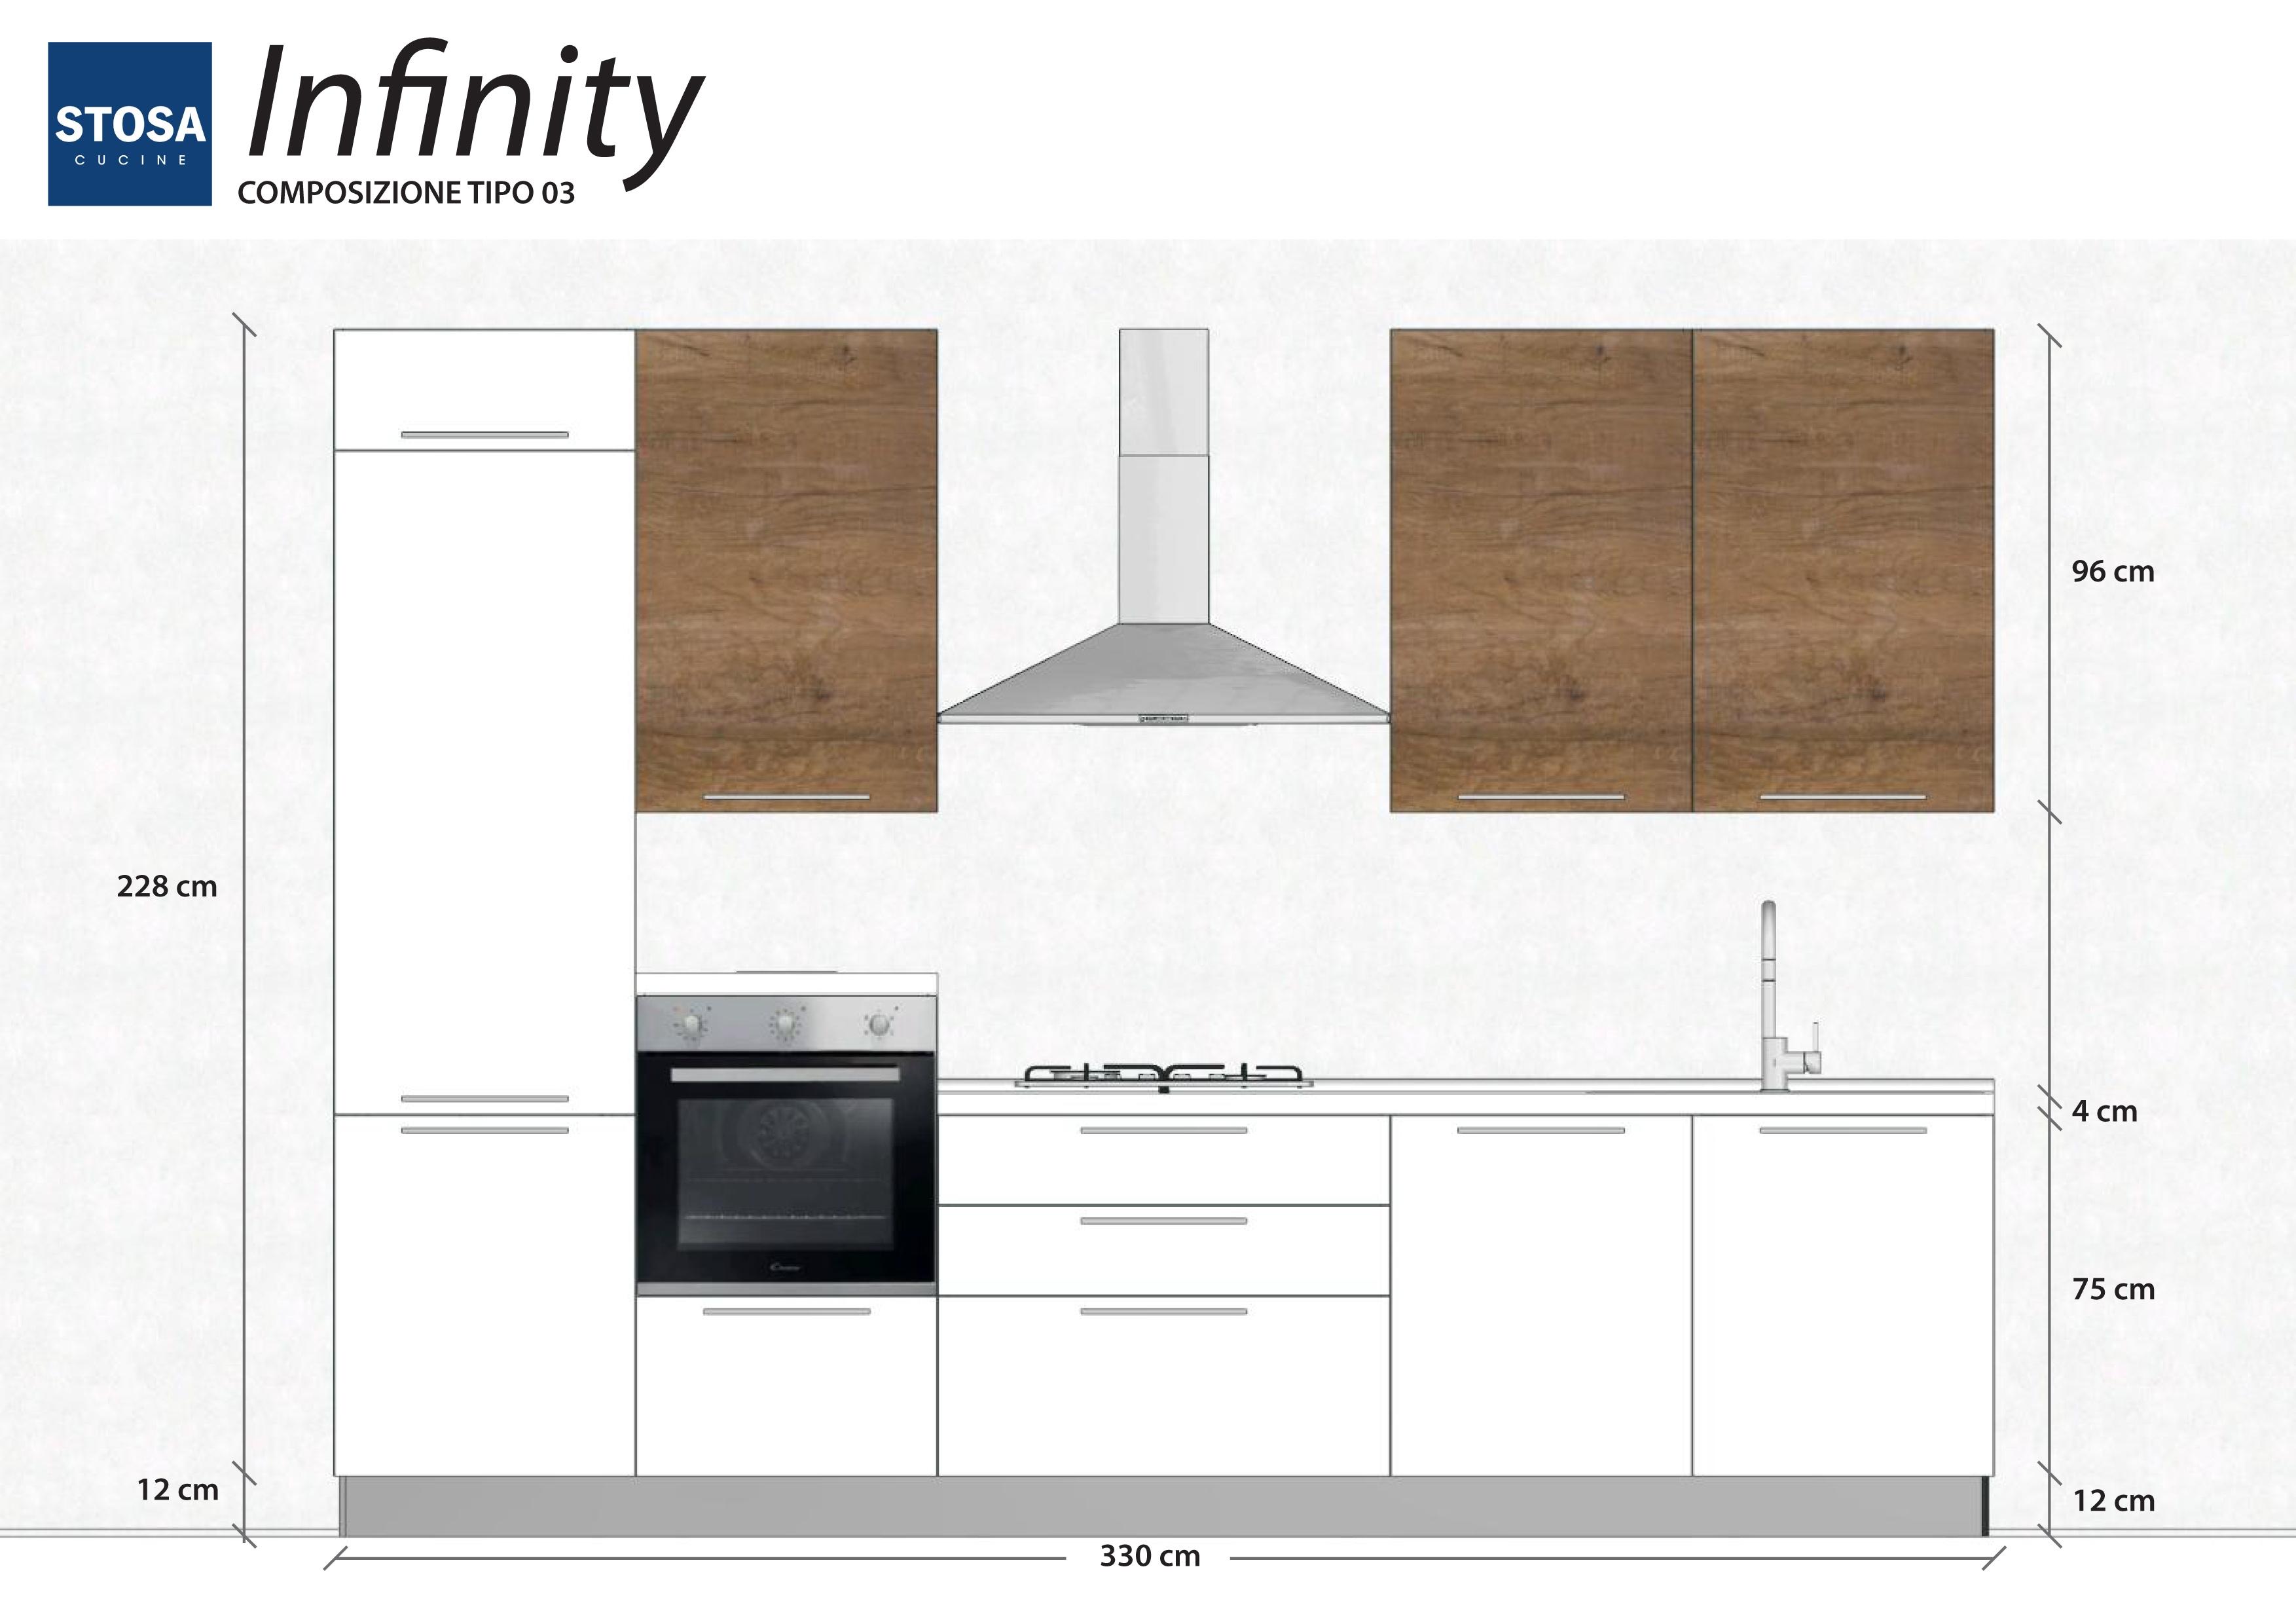 Stosa Cucine Infinity bloccata - Cucine a prezzi scontati